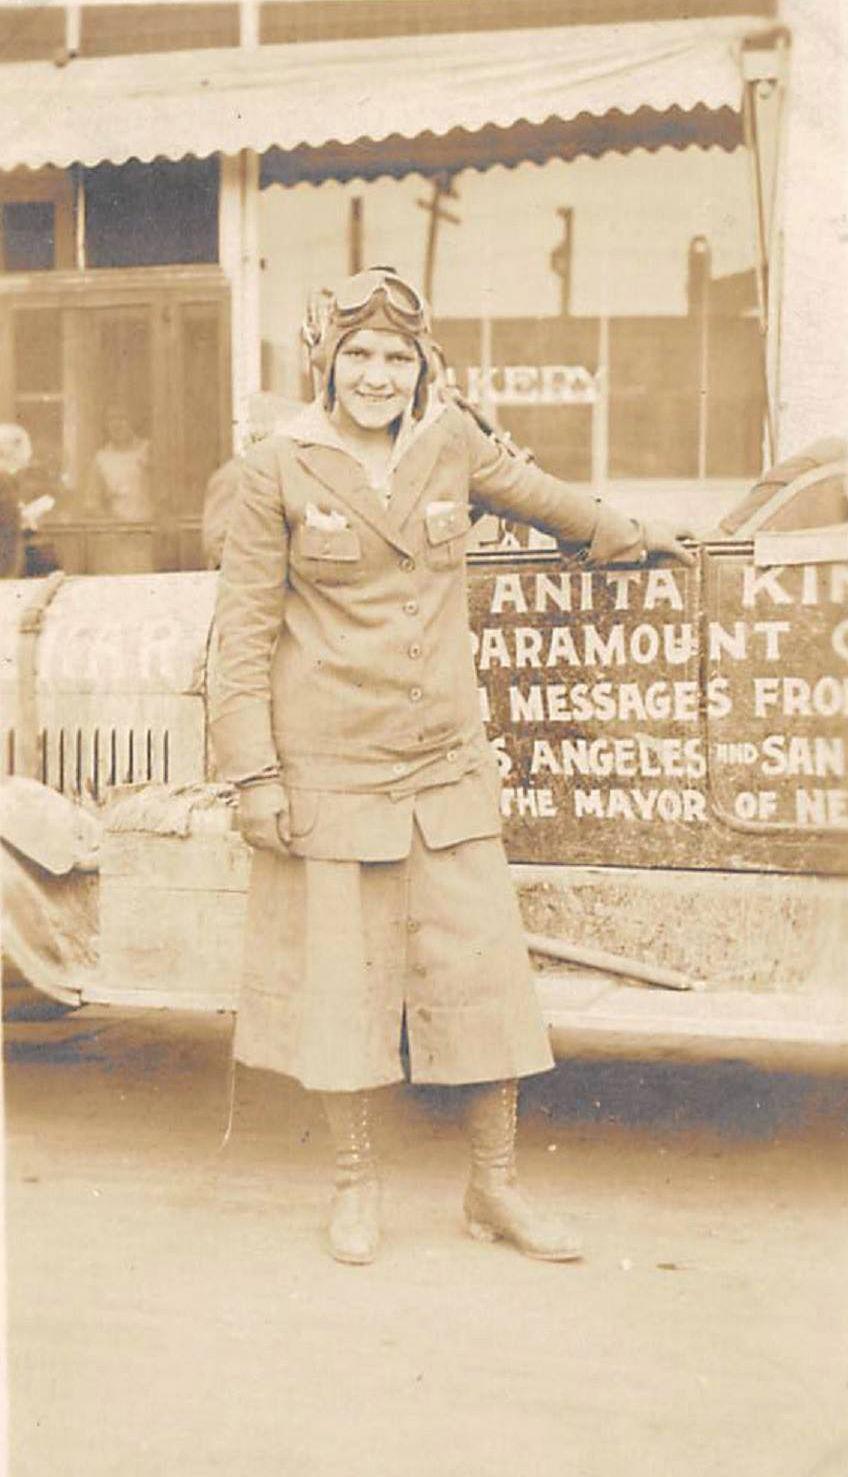 Anita King colm pic1